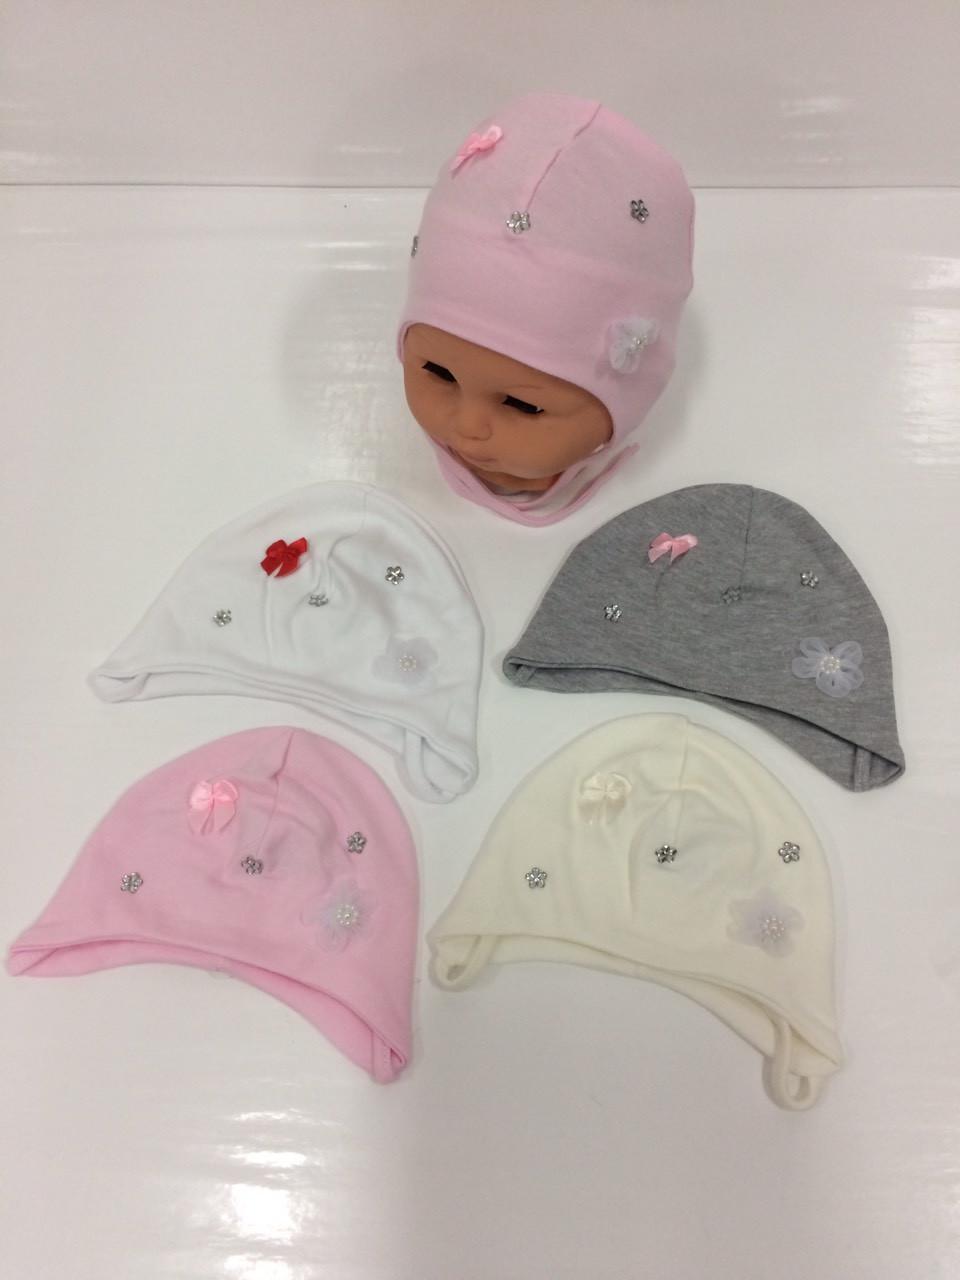 Детские тонкие демисезонные трикотажные шапки для девочек оптом, р.36-42, Польша (Ala Baby)